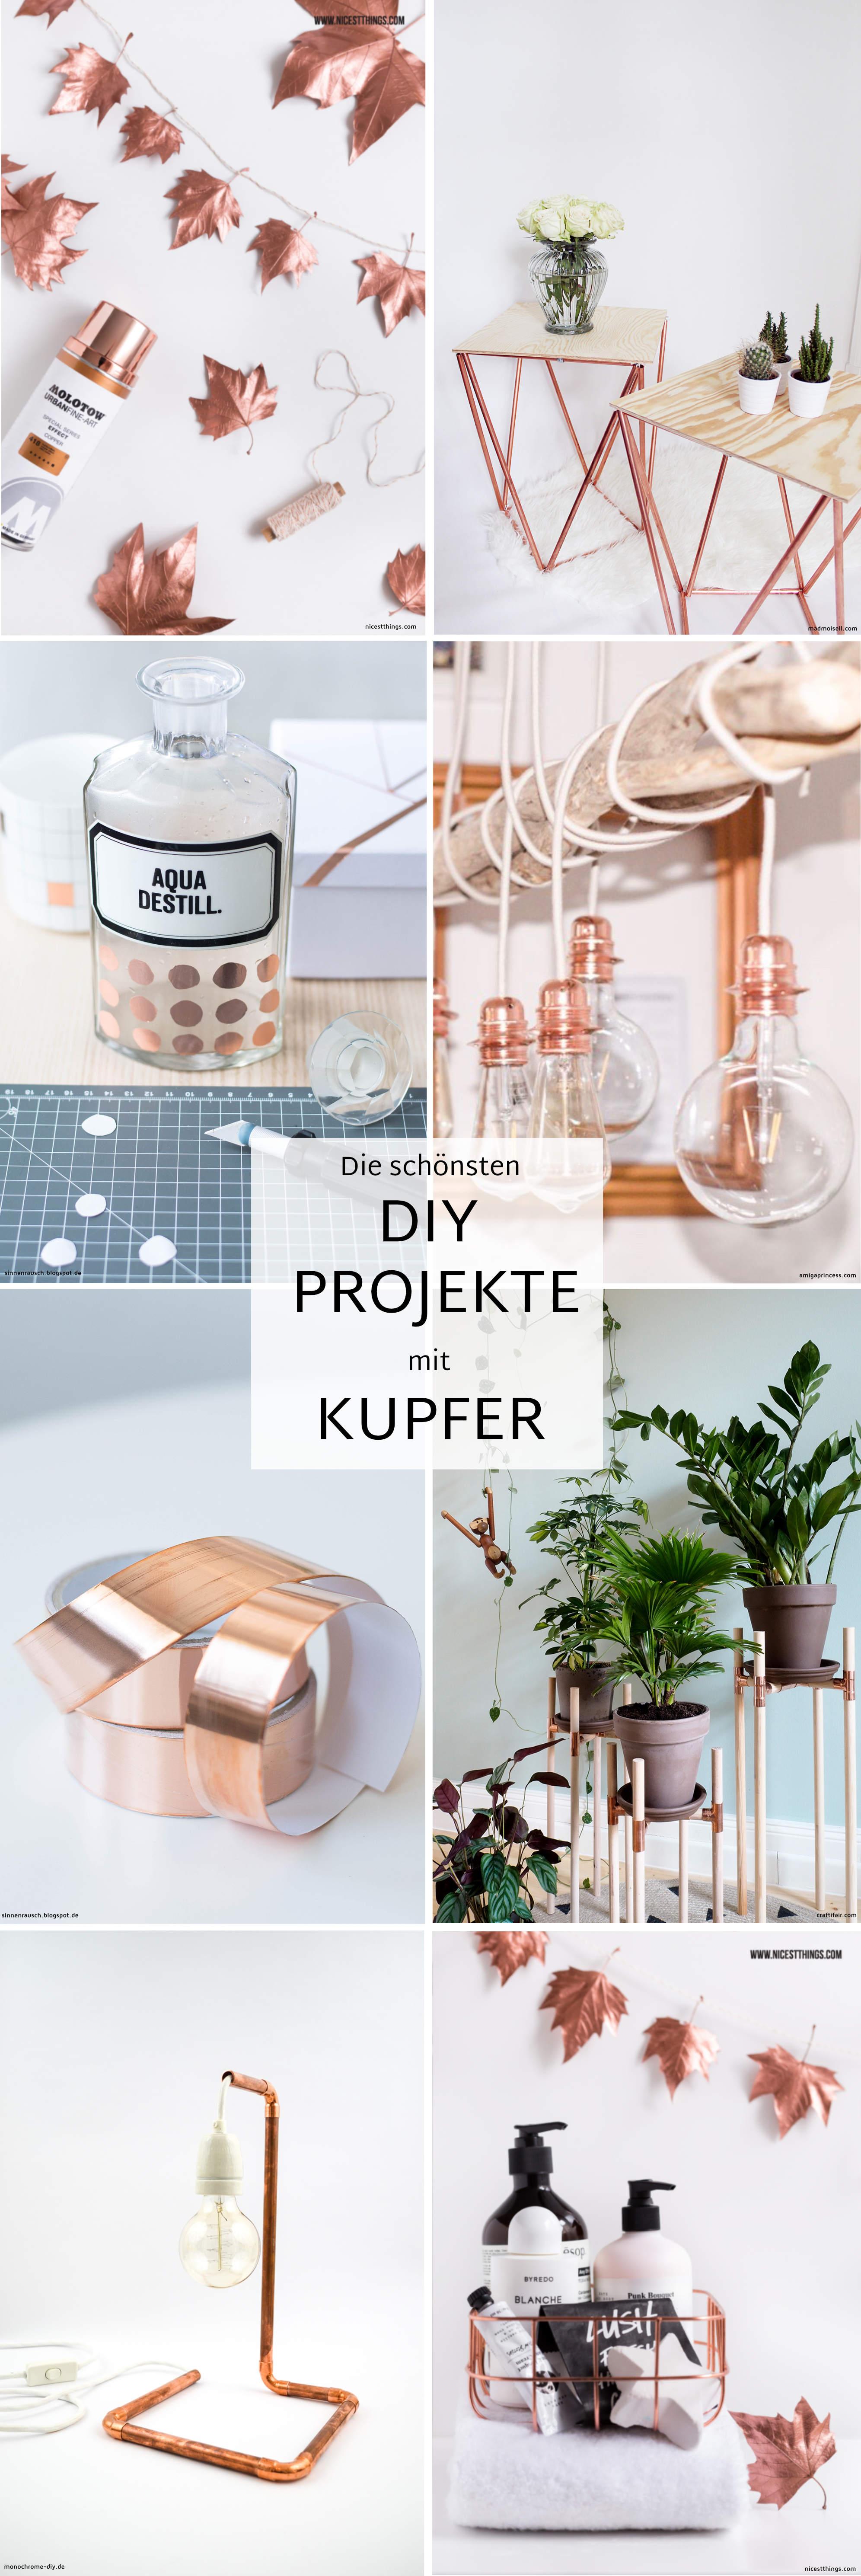 Die-schönsten-DIY-Projekte-mit-Kupfer